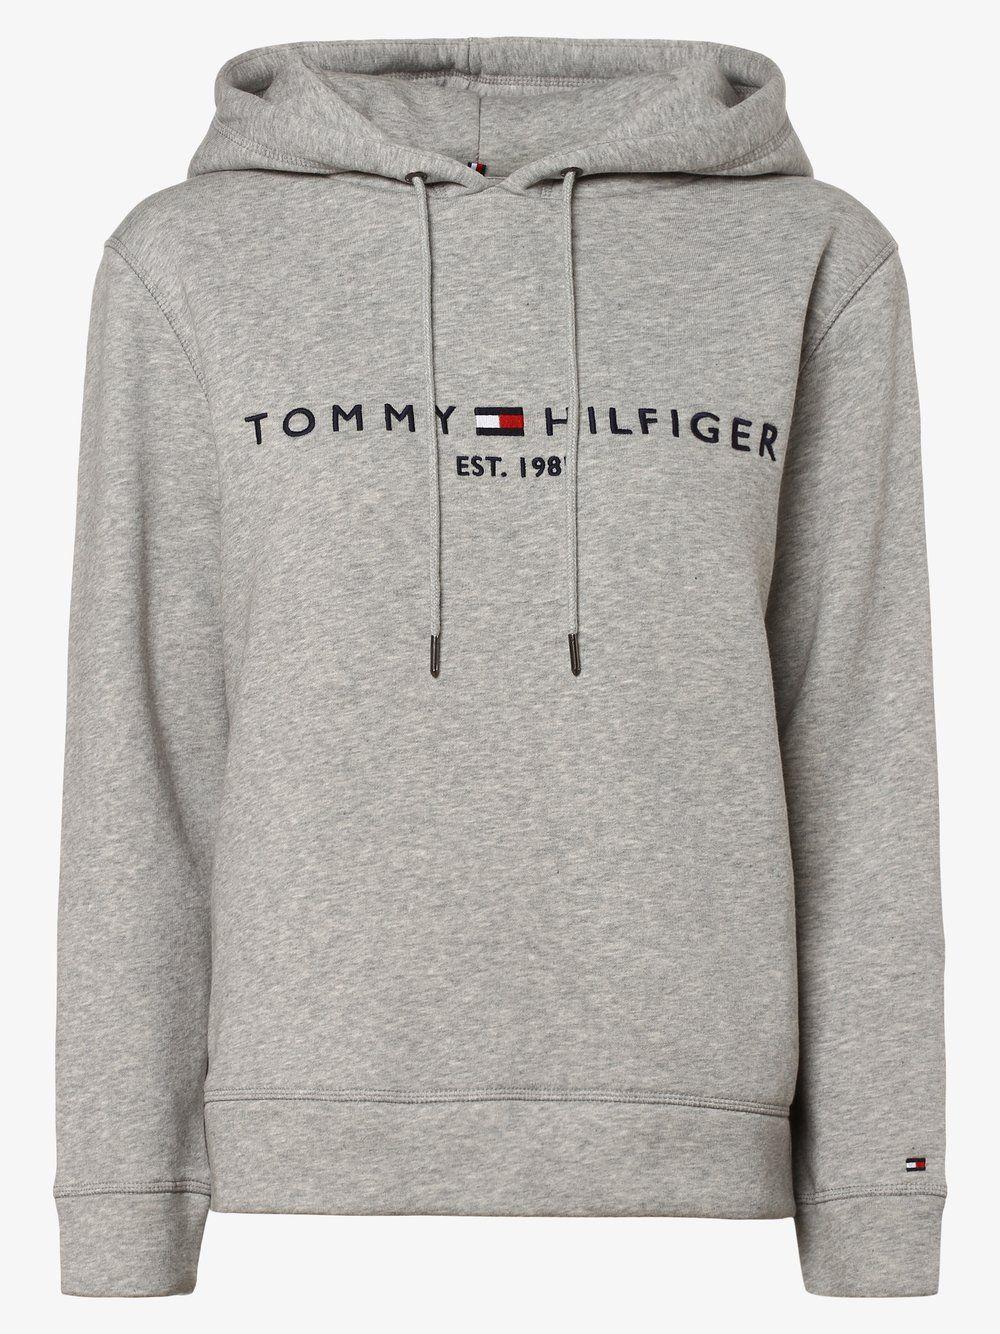 Damen Sweatshirt In 2020 Damen Sweatshirts Tommy Hilfiger Hoodie Tommy Hilfiger Sweatshirt